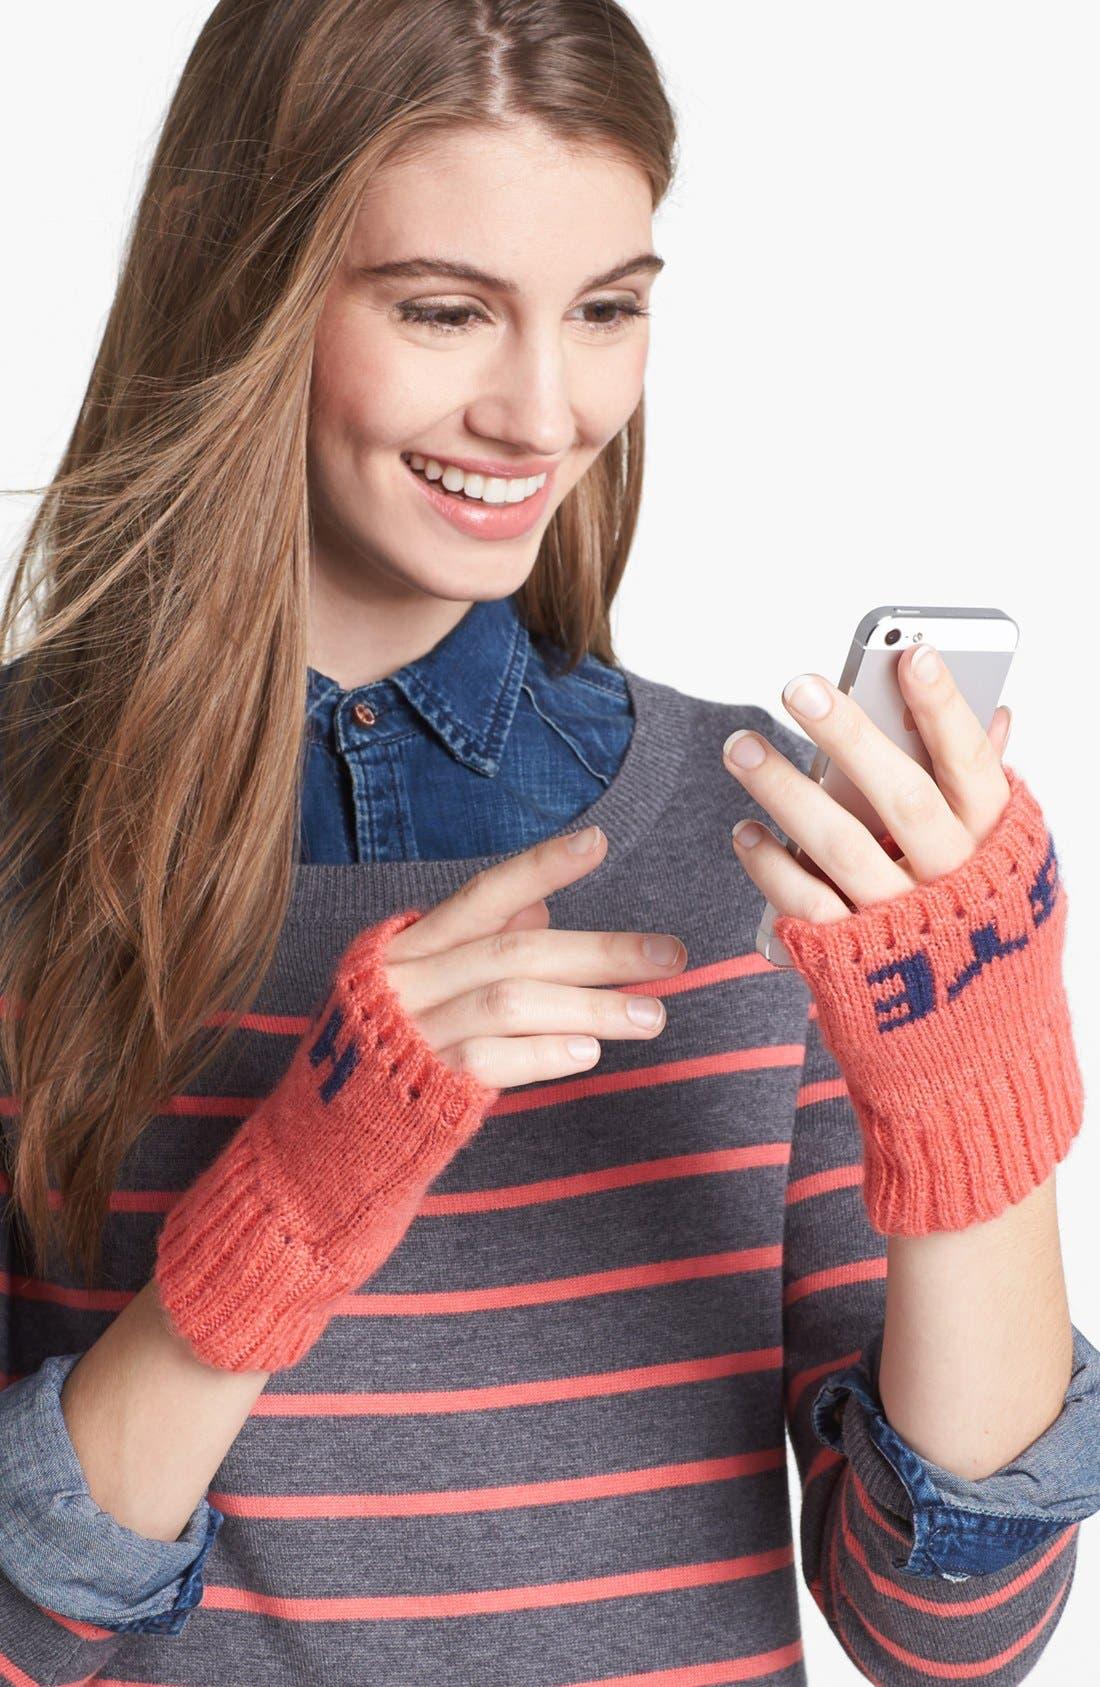 Main Image - BCBGeneration 'Hi/Bye' Fingerless Gloves